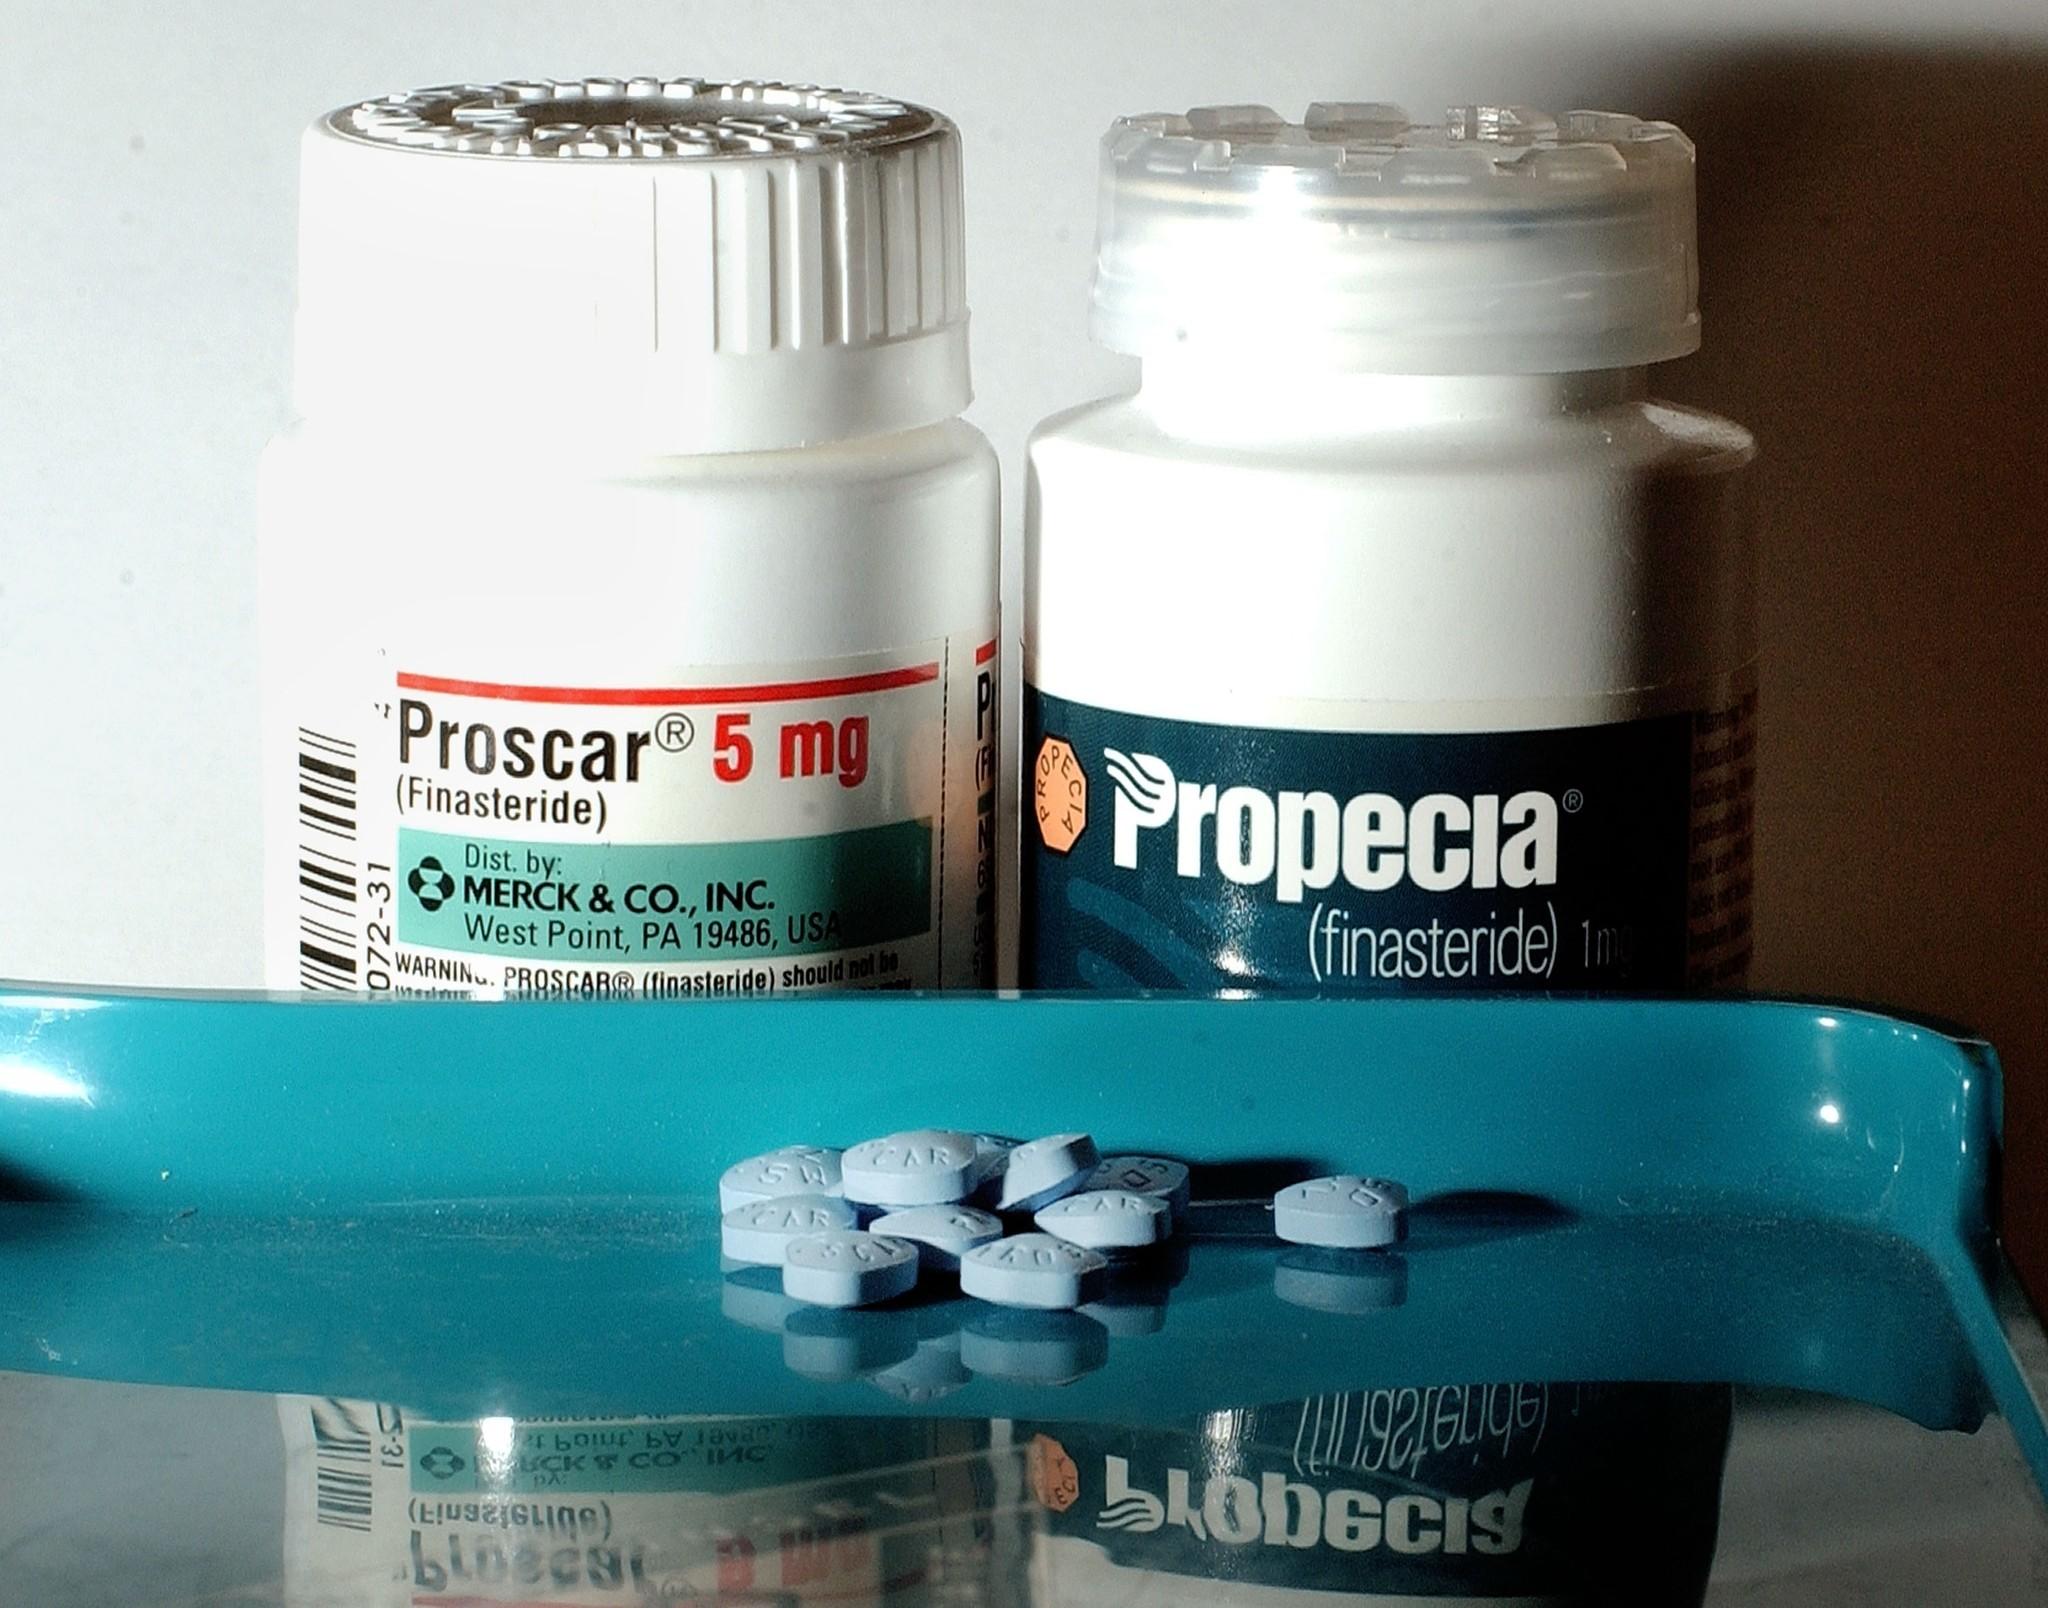 Is propecia a prescription drug